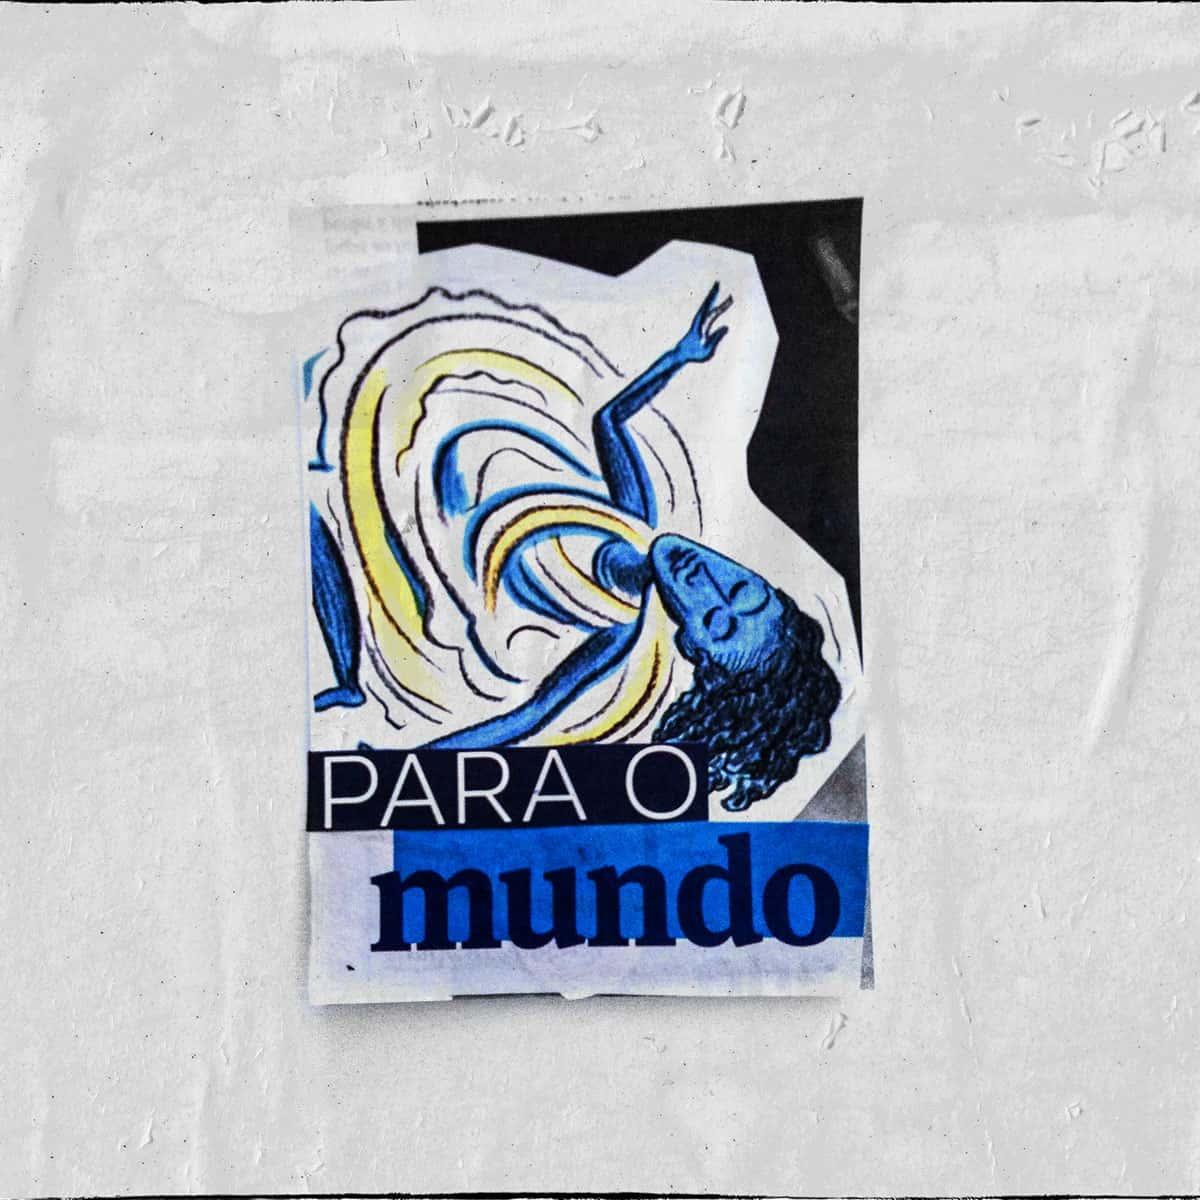 Cartões 18 de janeiro, Colagem — ColetivoPolvora Folha Piauí 18 de janeiro4